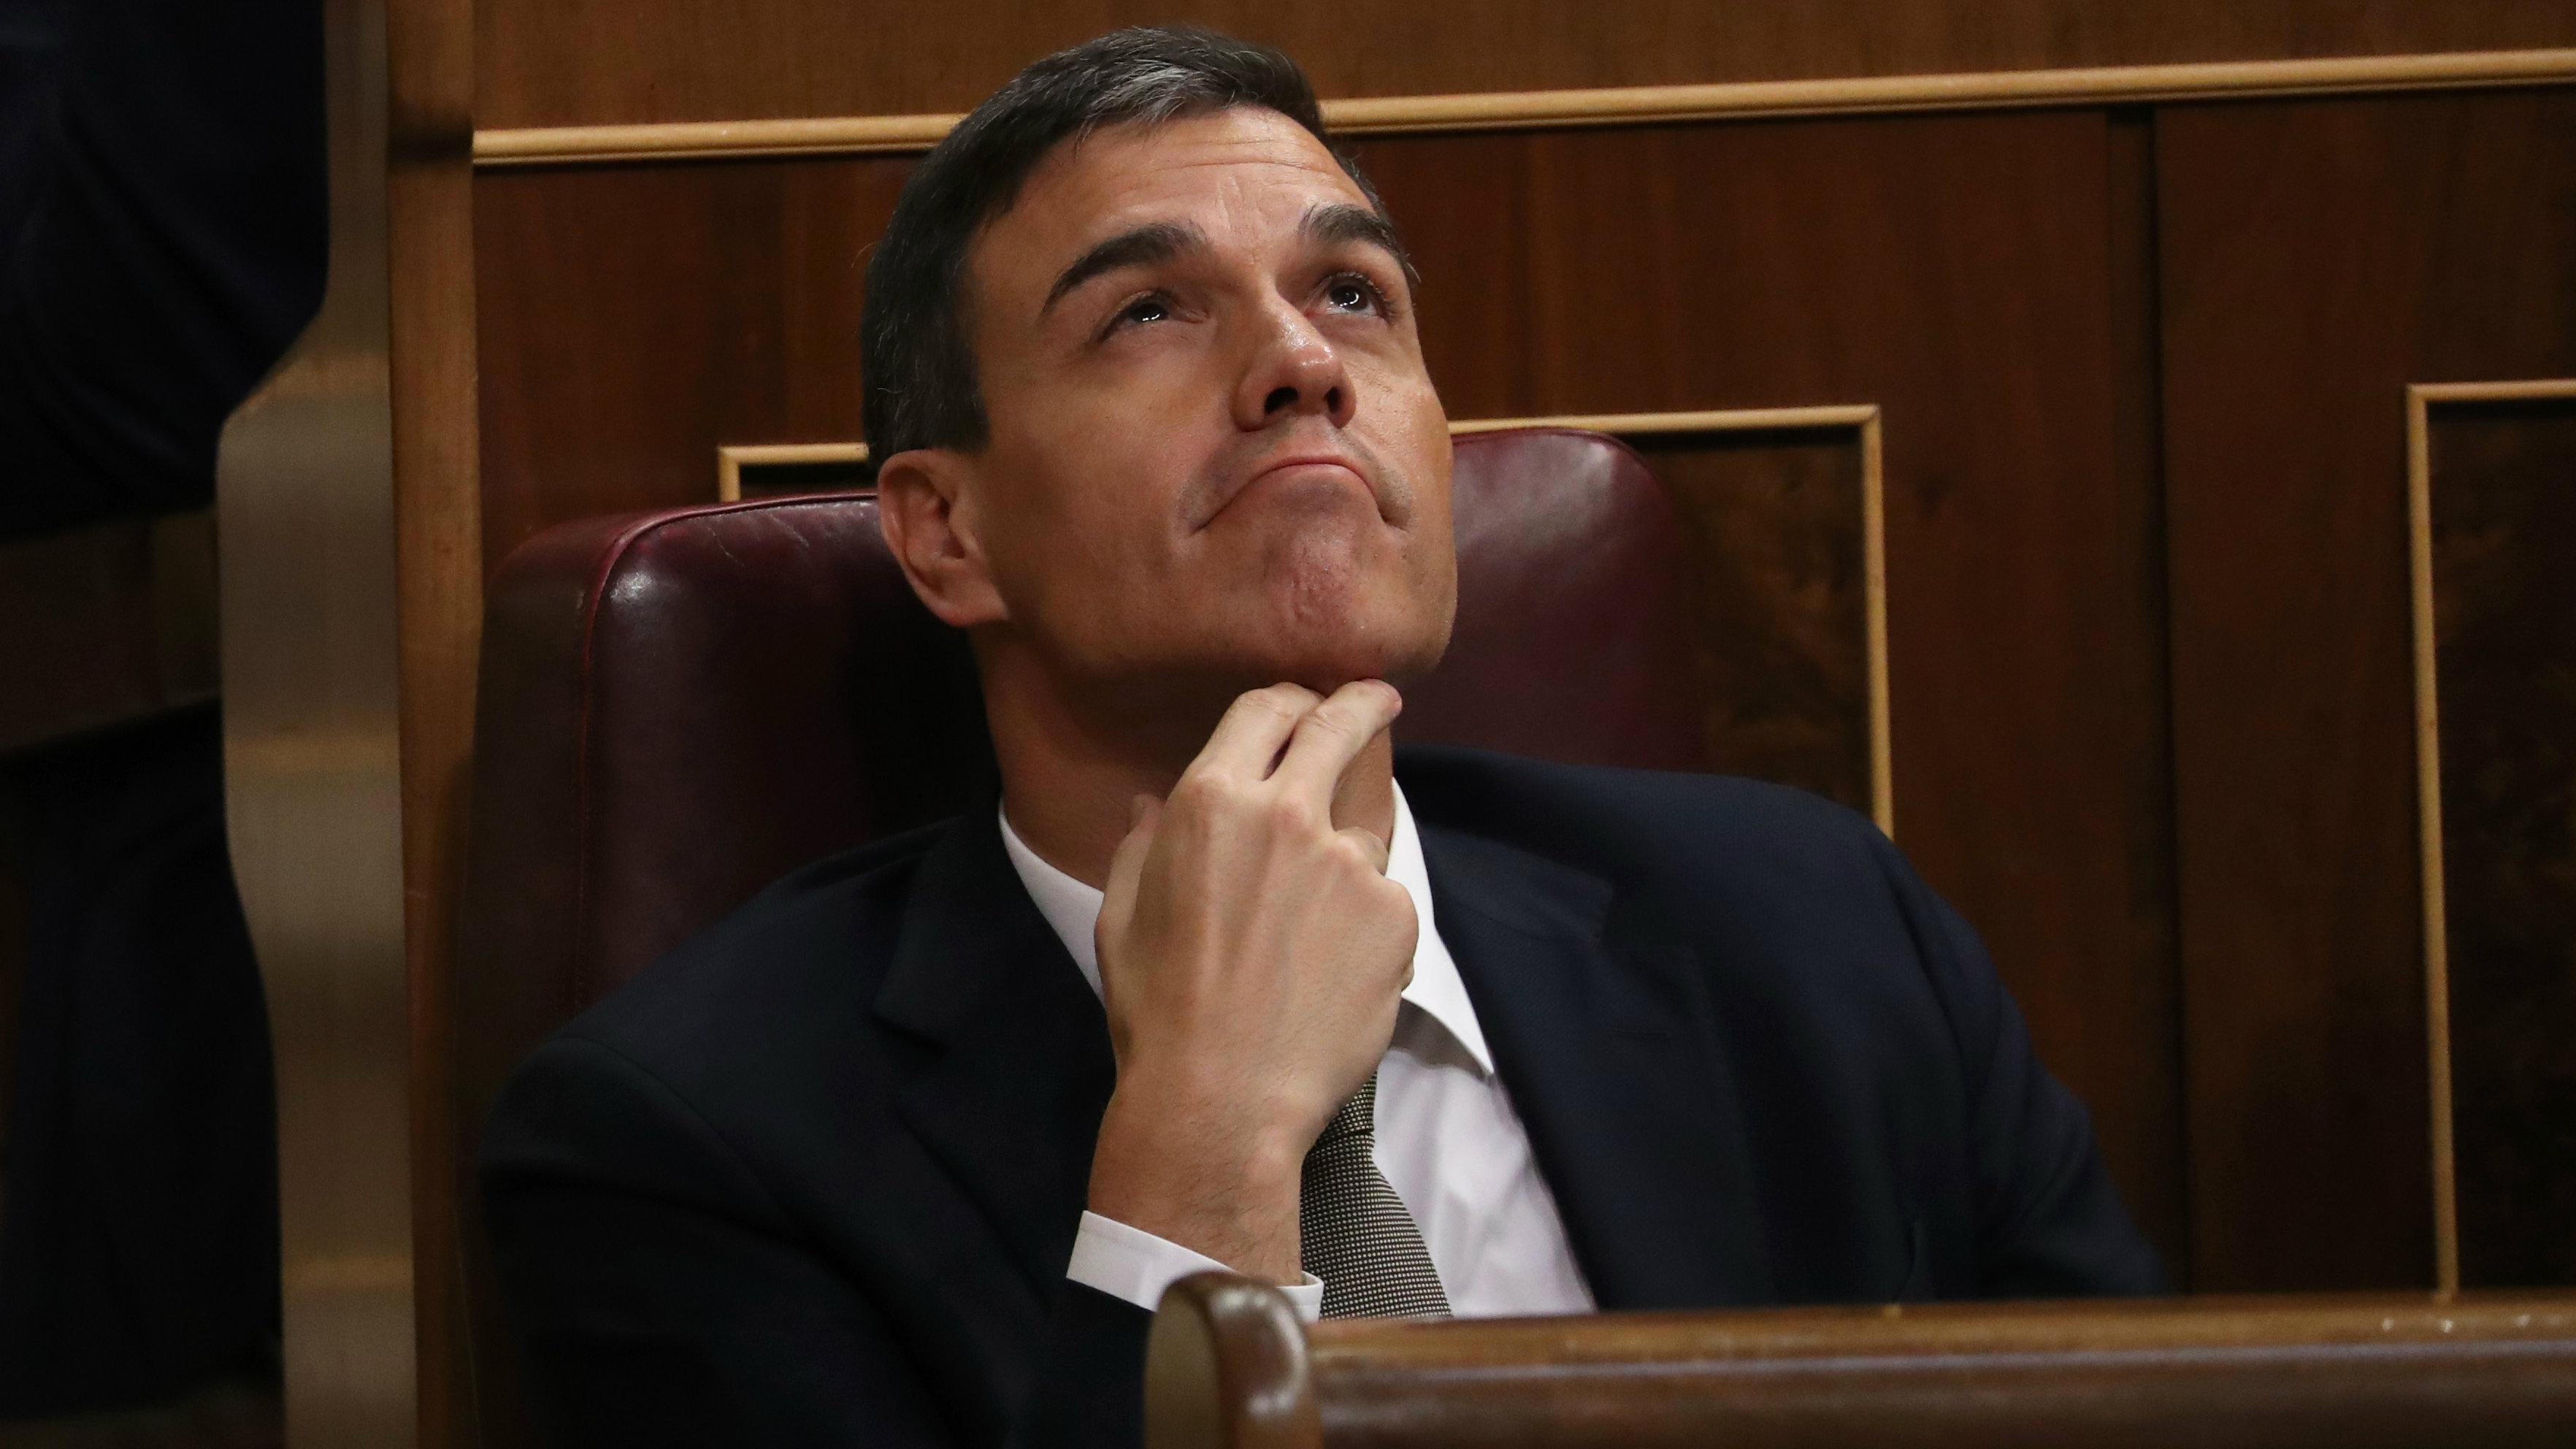 España: Pedro Sánchez culpa al resto de partidos ante fracaso de gobierno